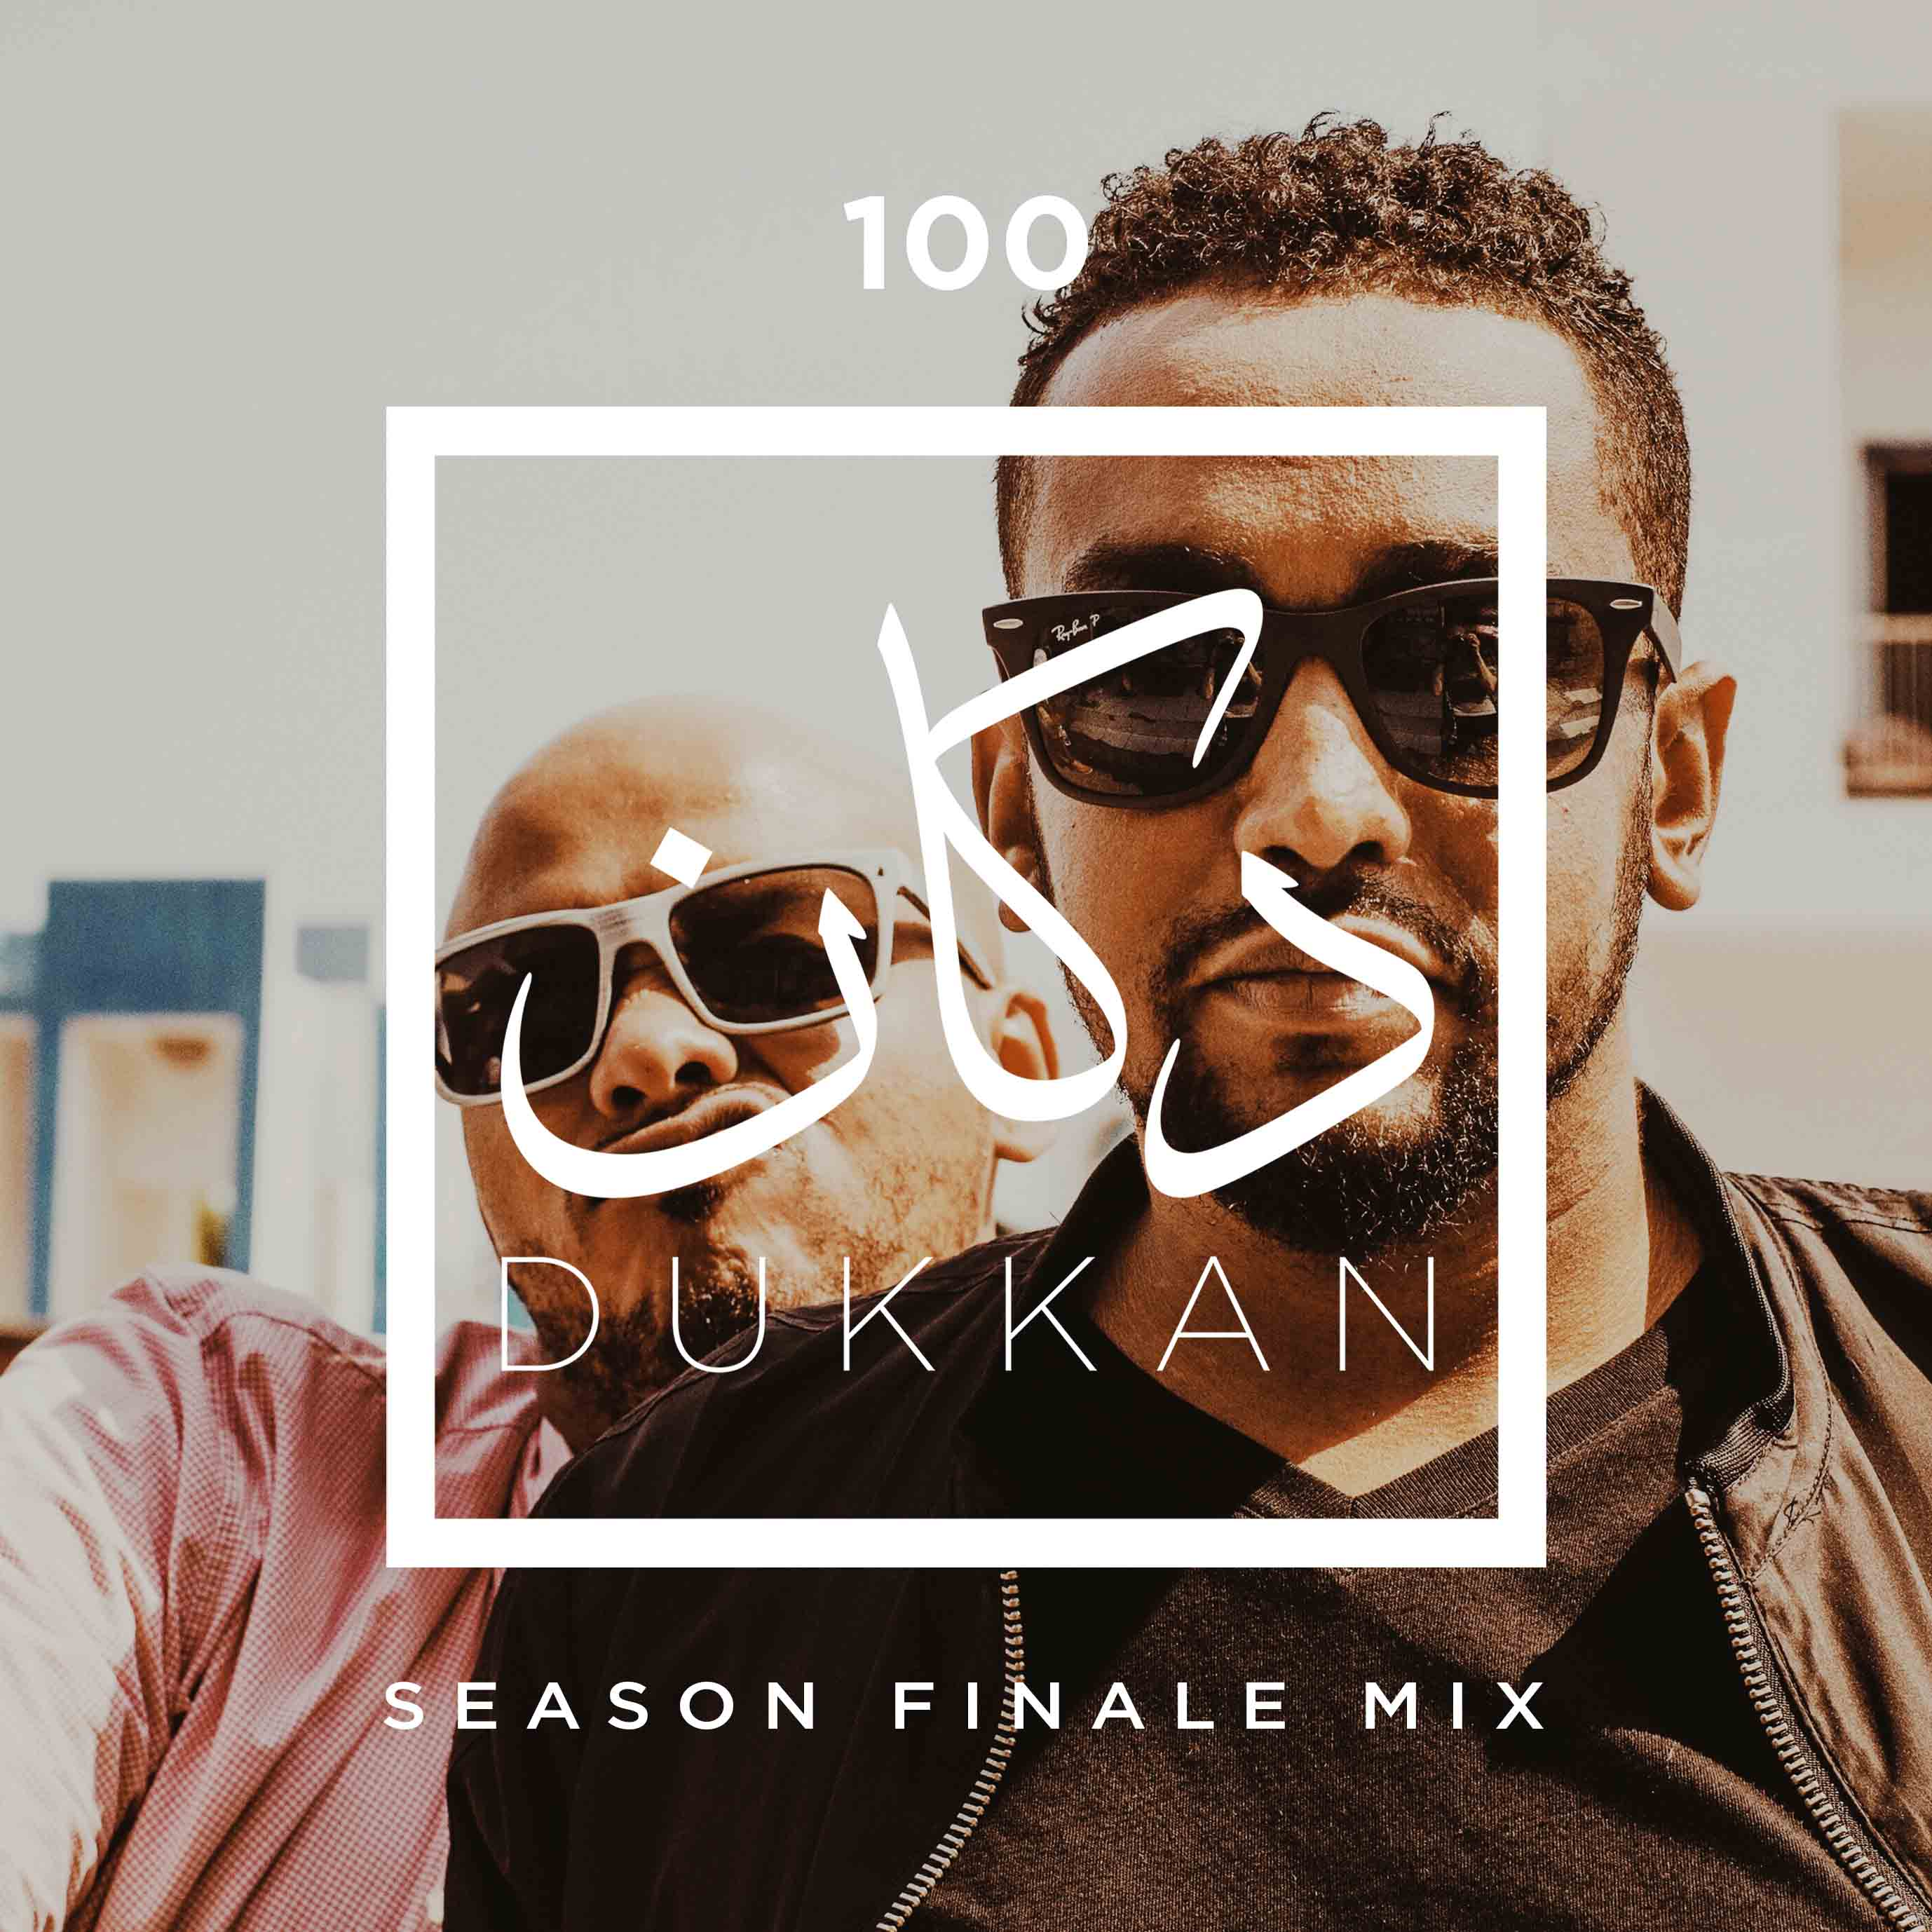 E100: Season Finale Mix